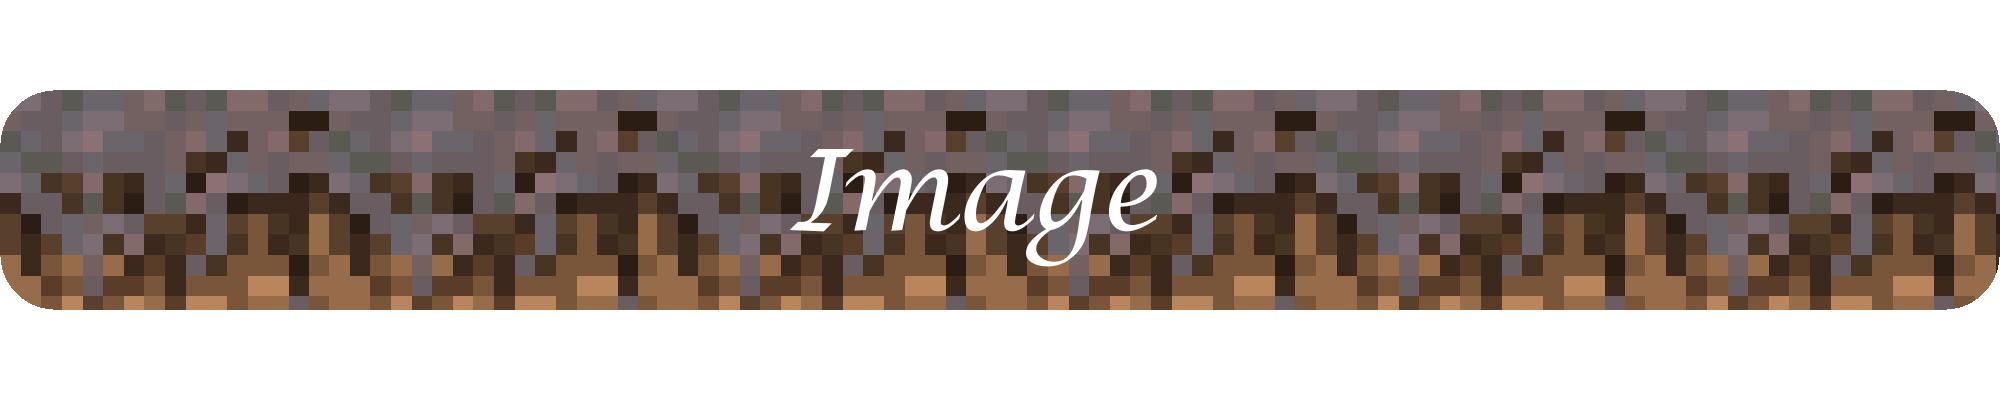 Titre Image.png